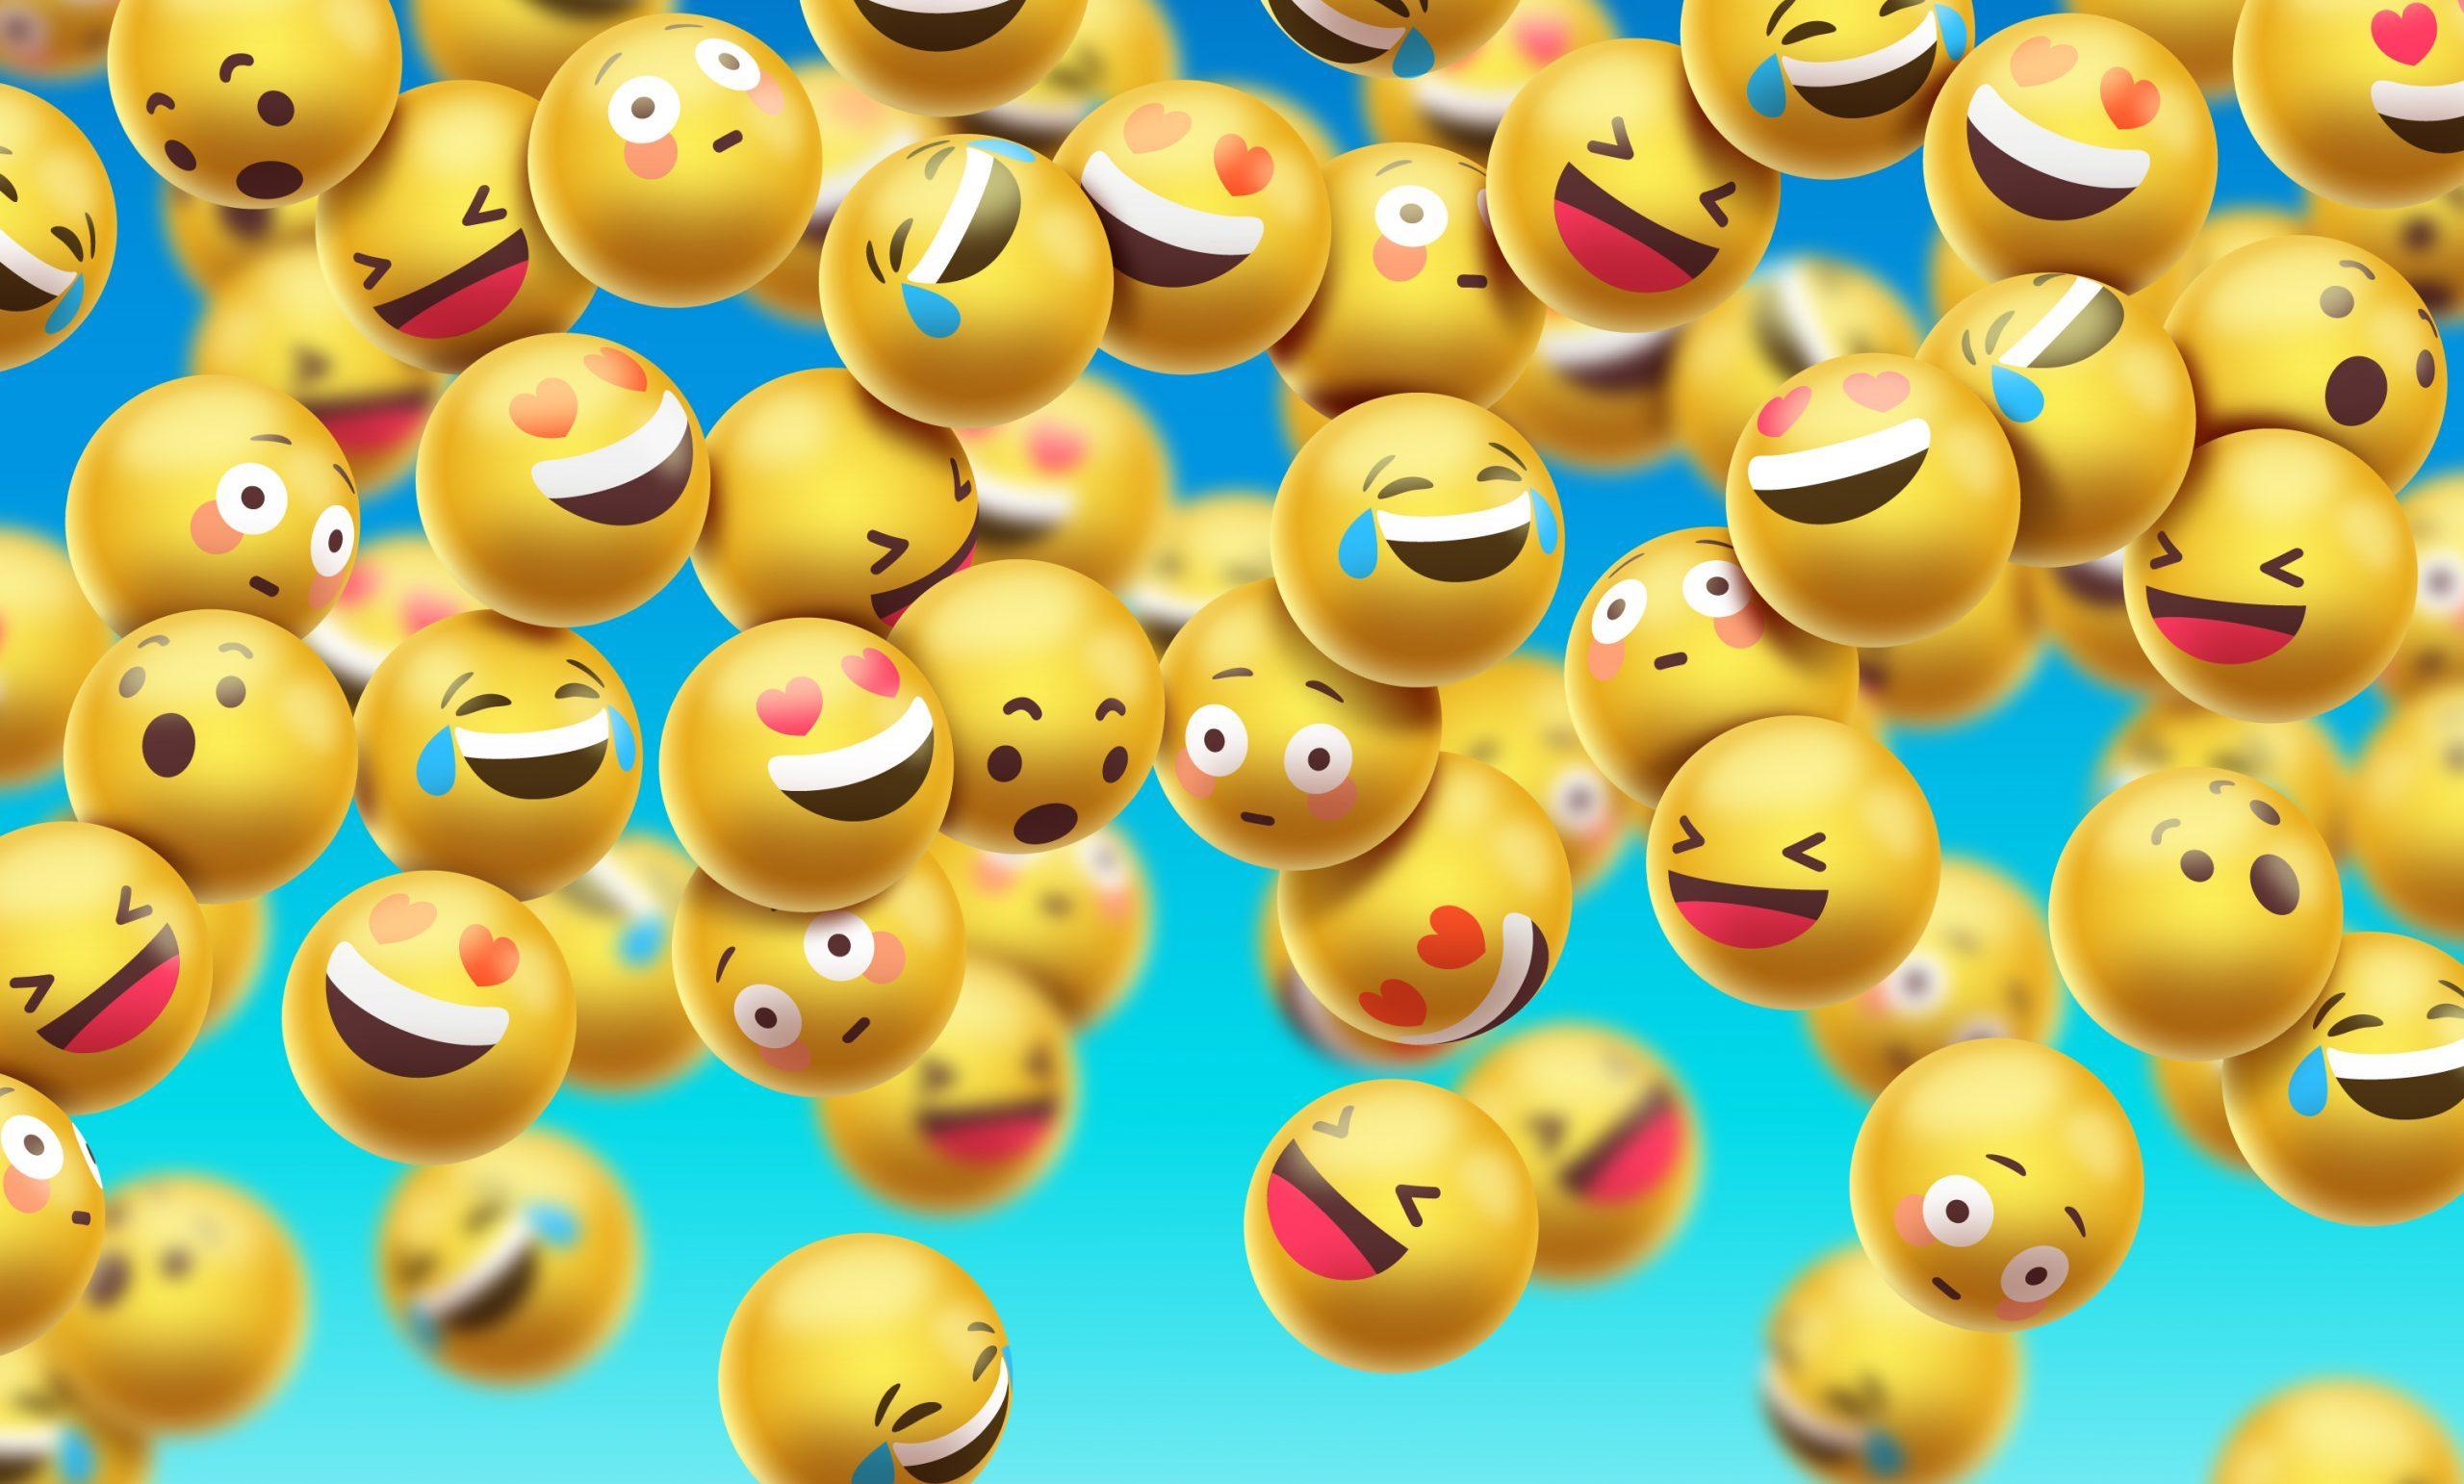 Posso usar emojis nas redes sociais da Igreja?